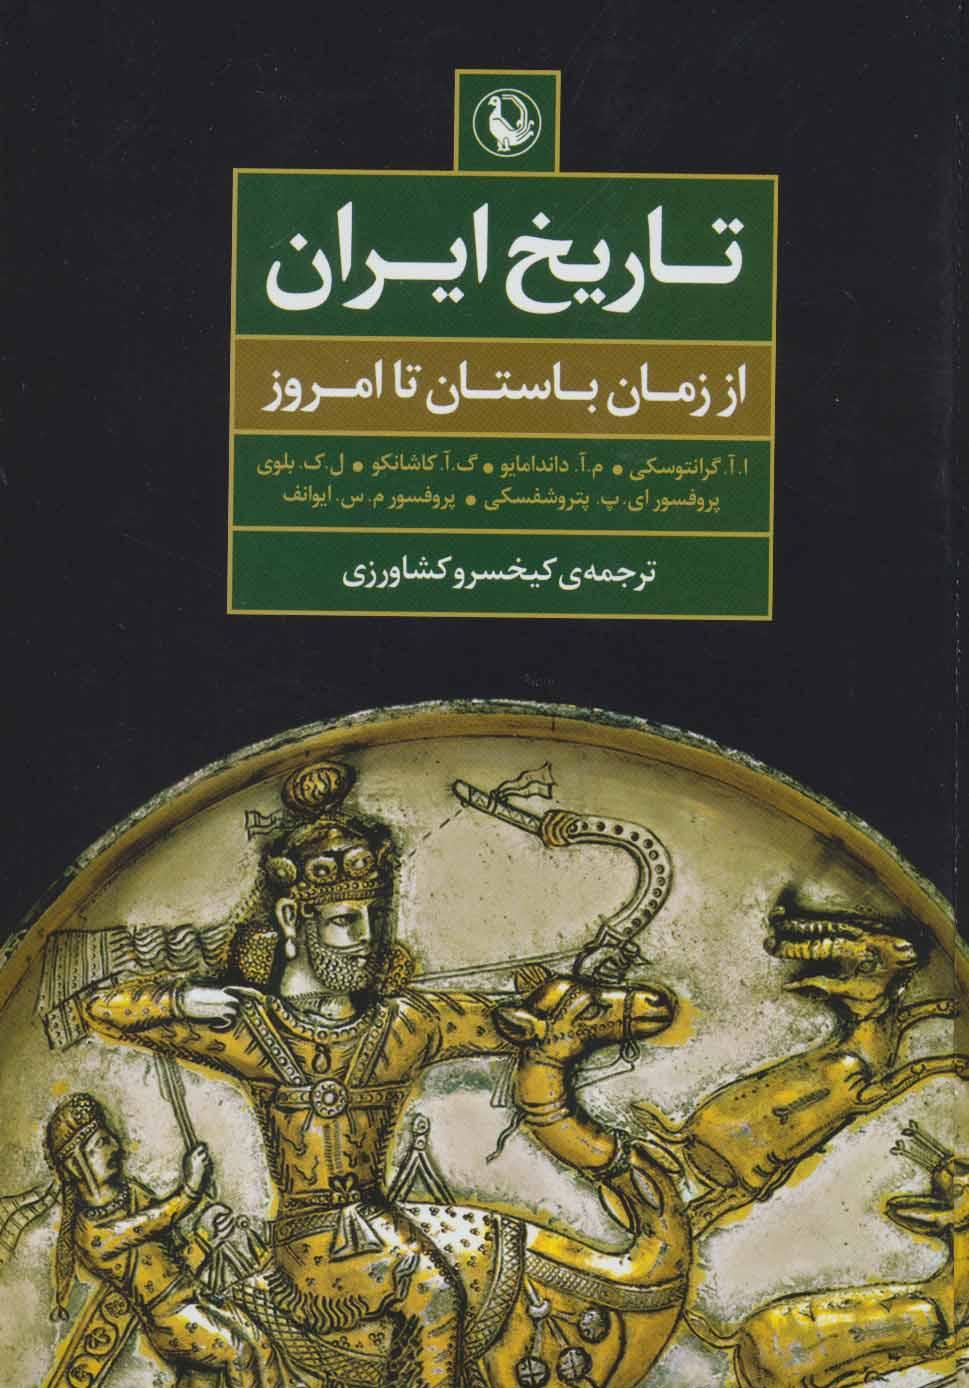 تاریخ ایران (از زمان باستان تا امروز)